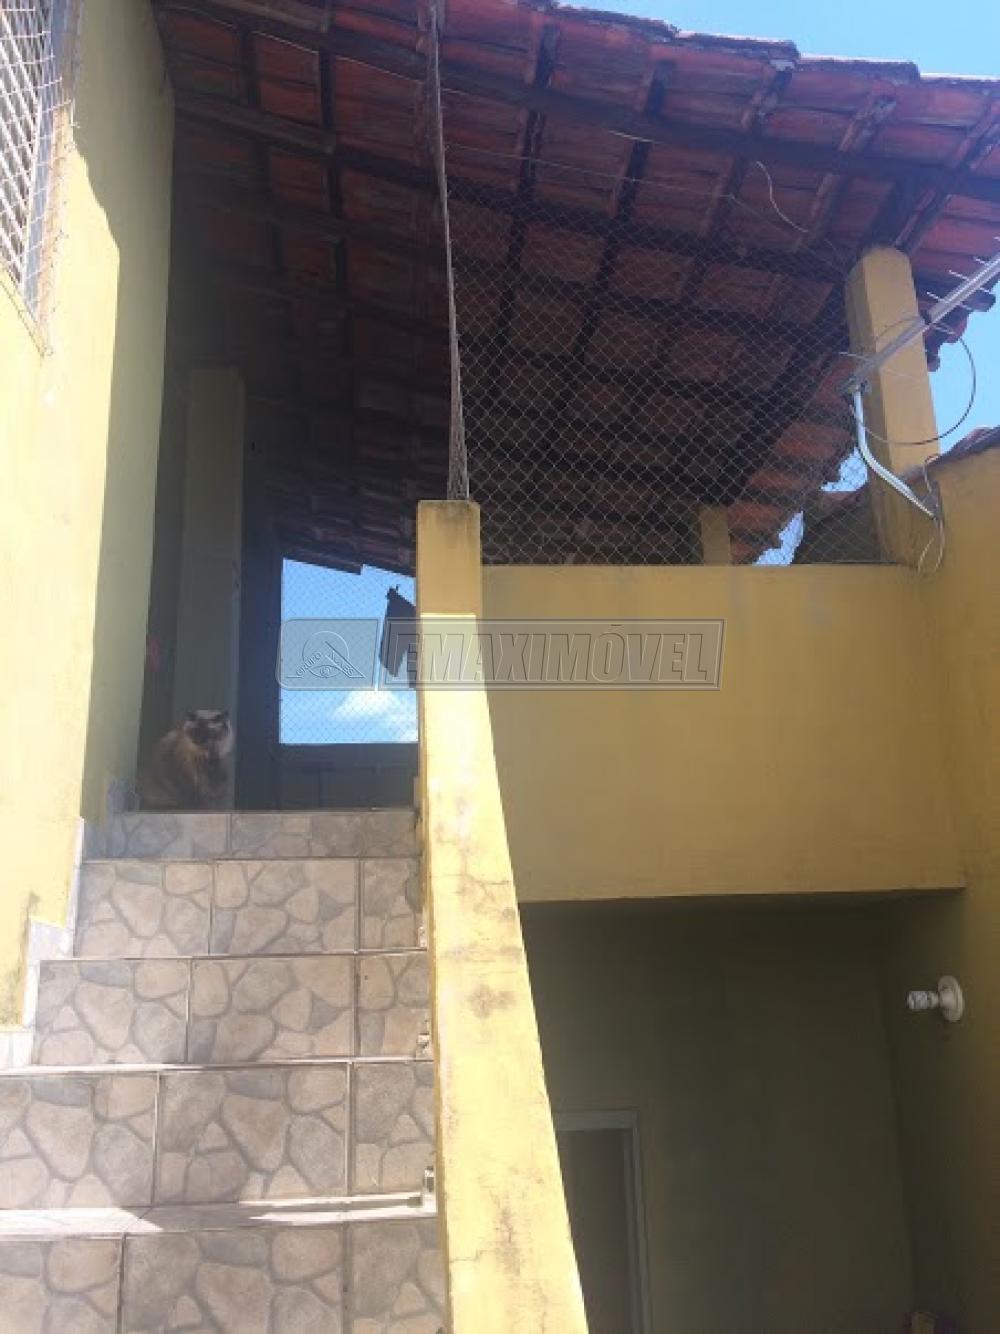 Comprar Casas / em Bairros em Sorocaba apenas R$ 270.000,00 - Foto 16